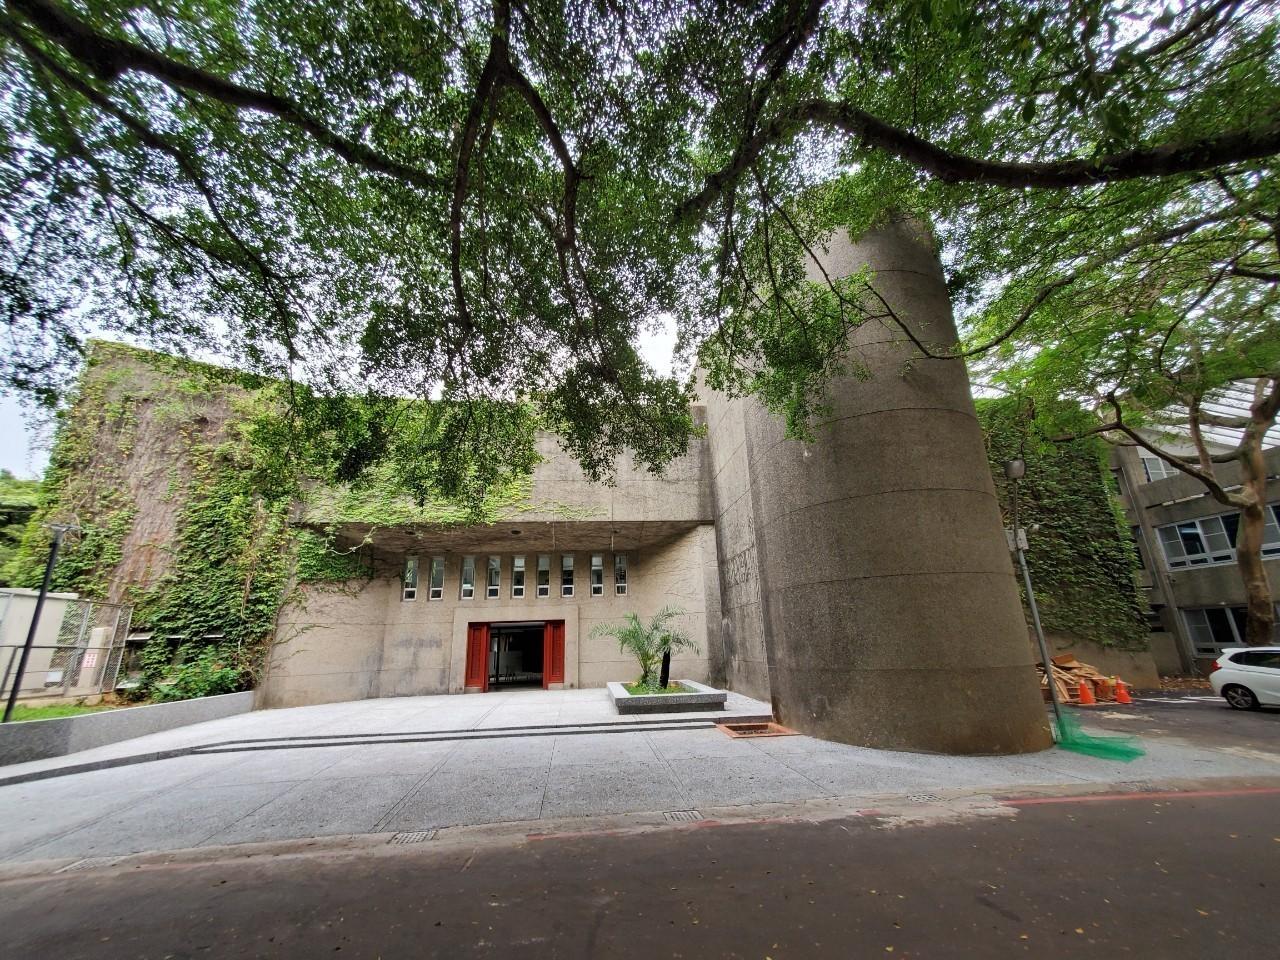 中原大學建築館即將正式成為桃園市歷史建築.jpg